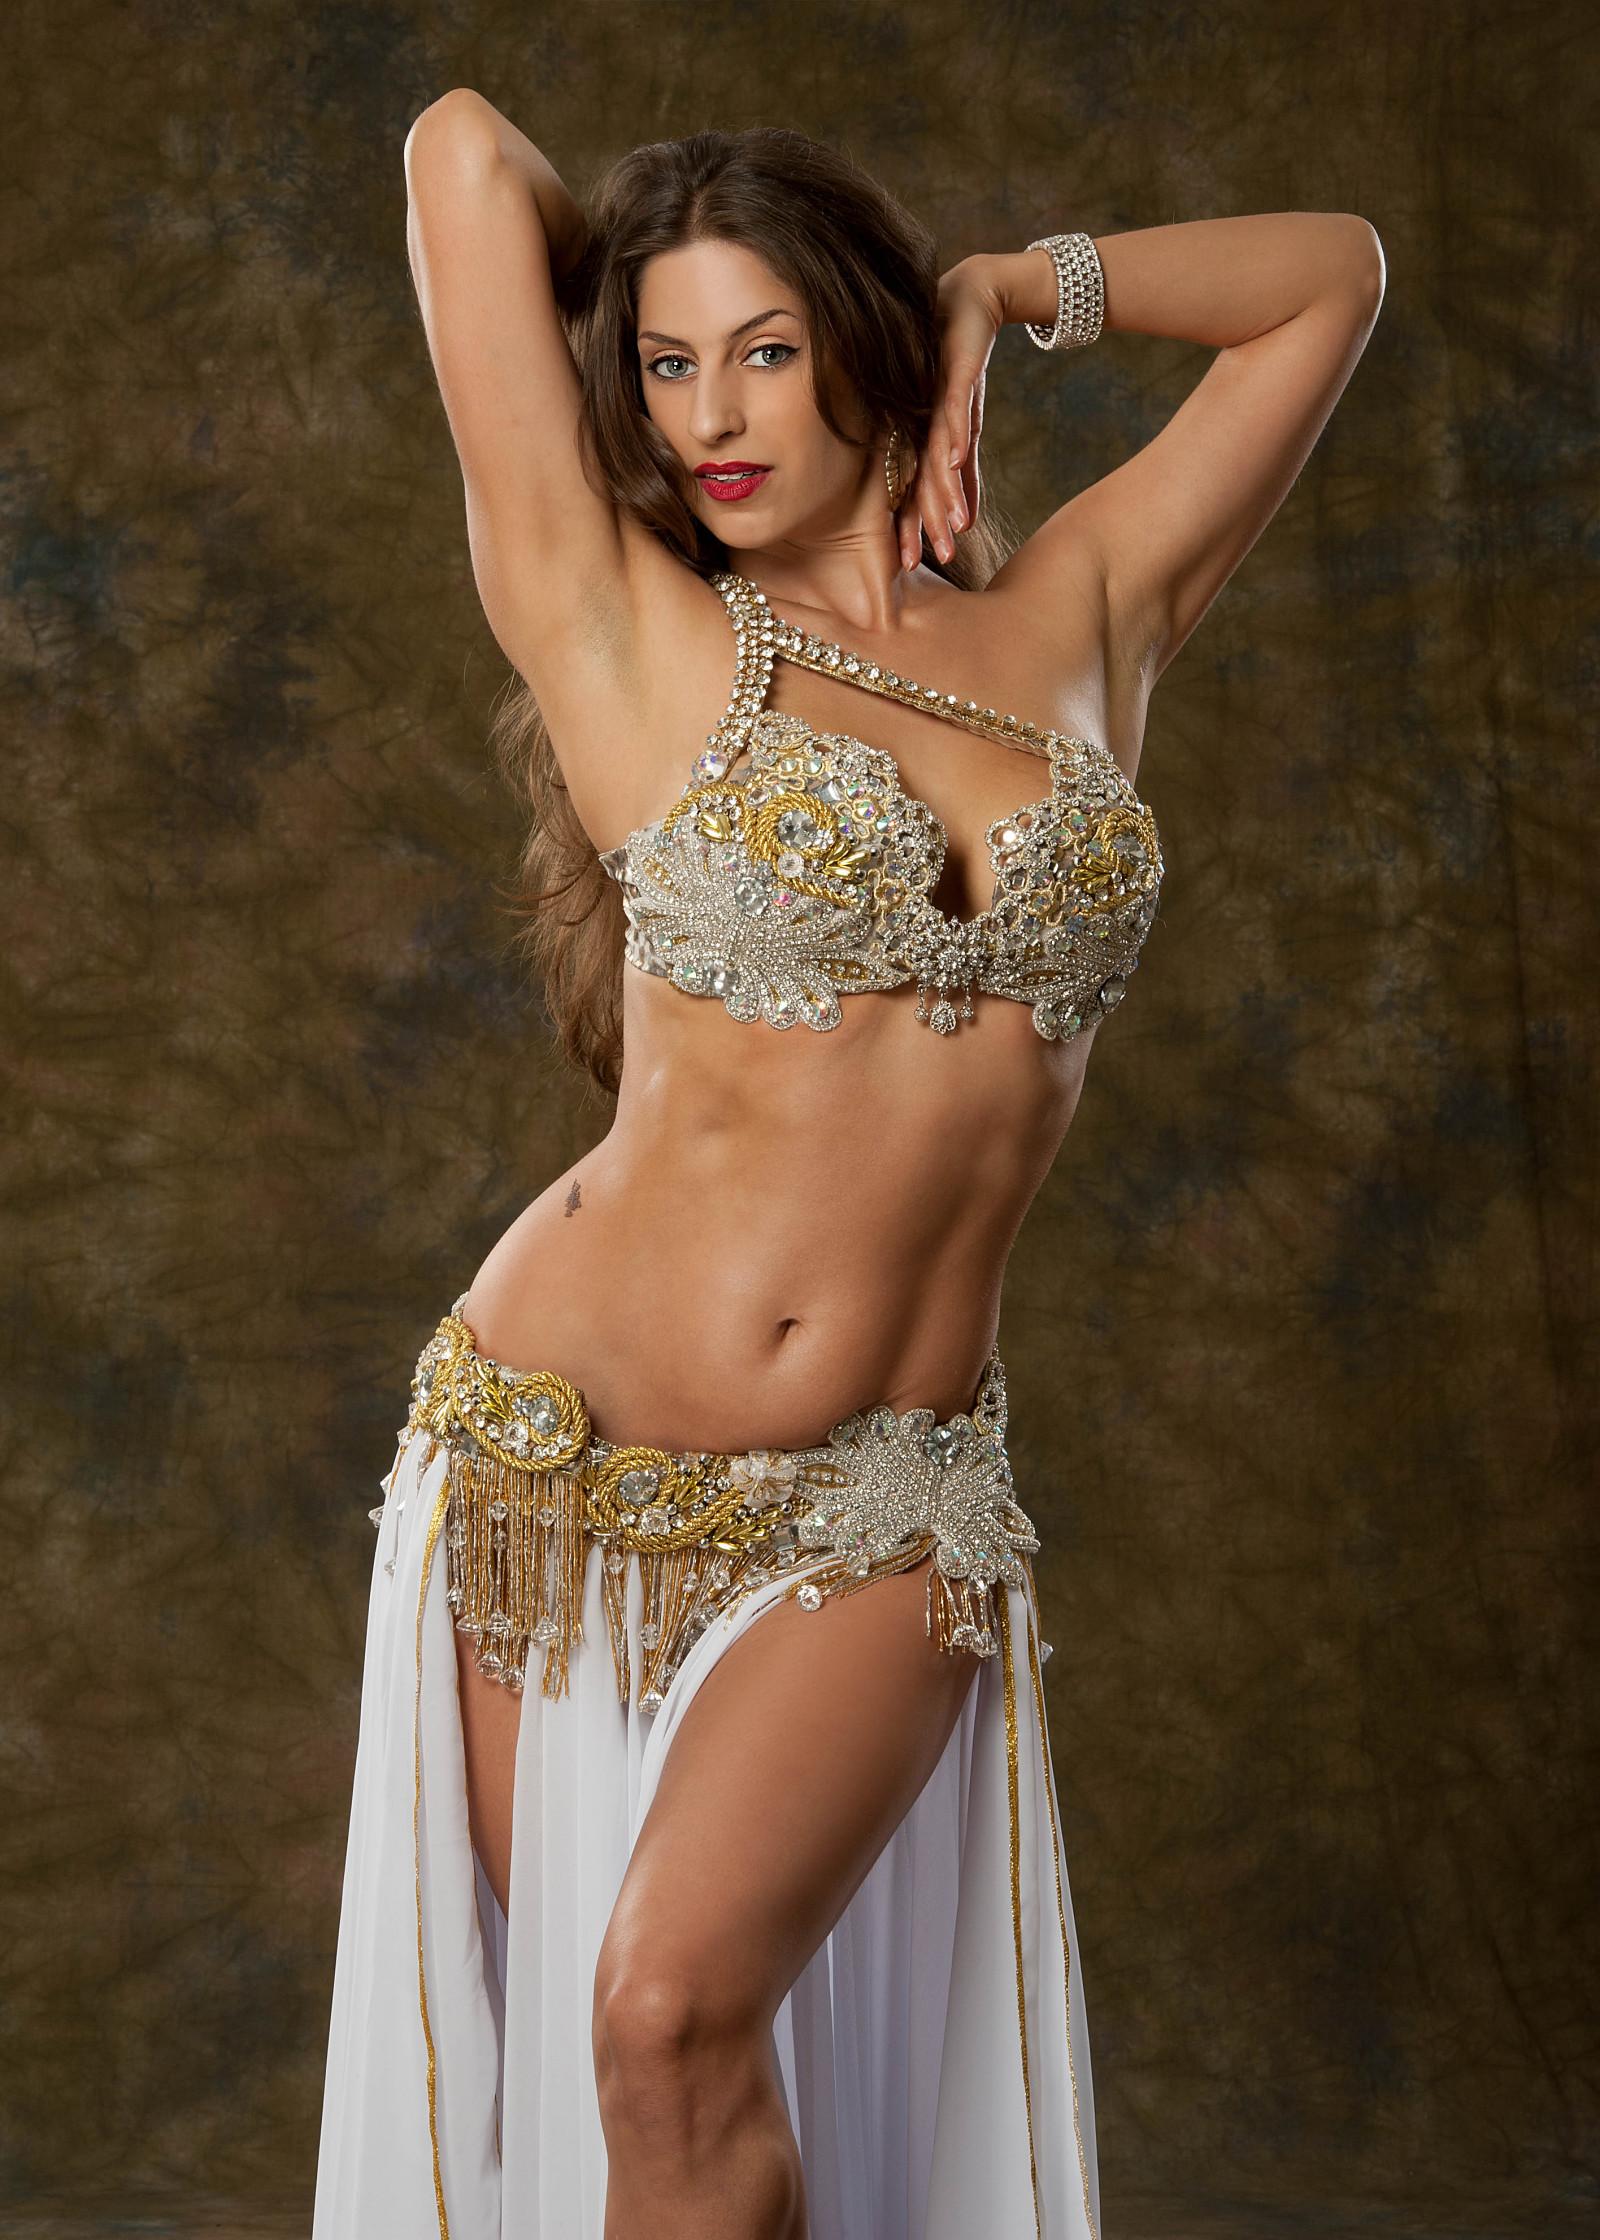 индийская девушка с красивой фигурой - 3